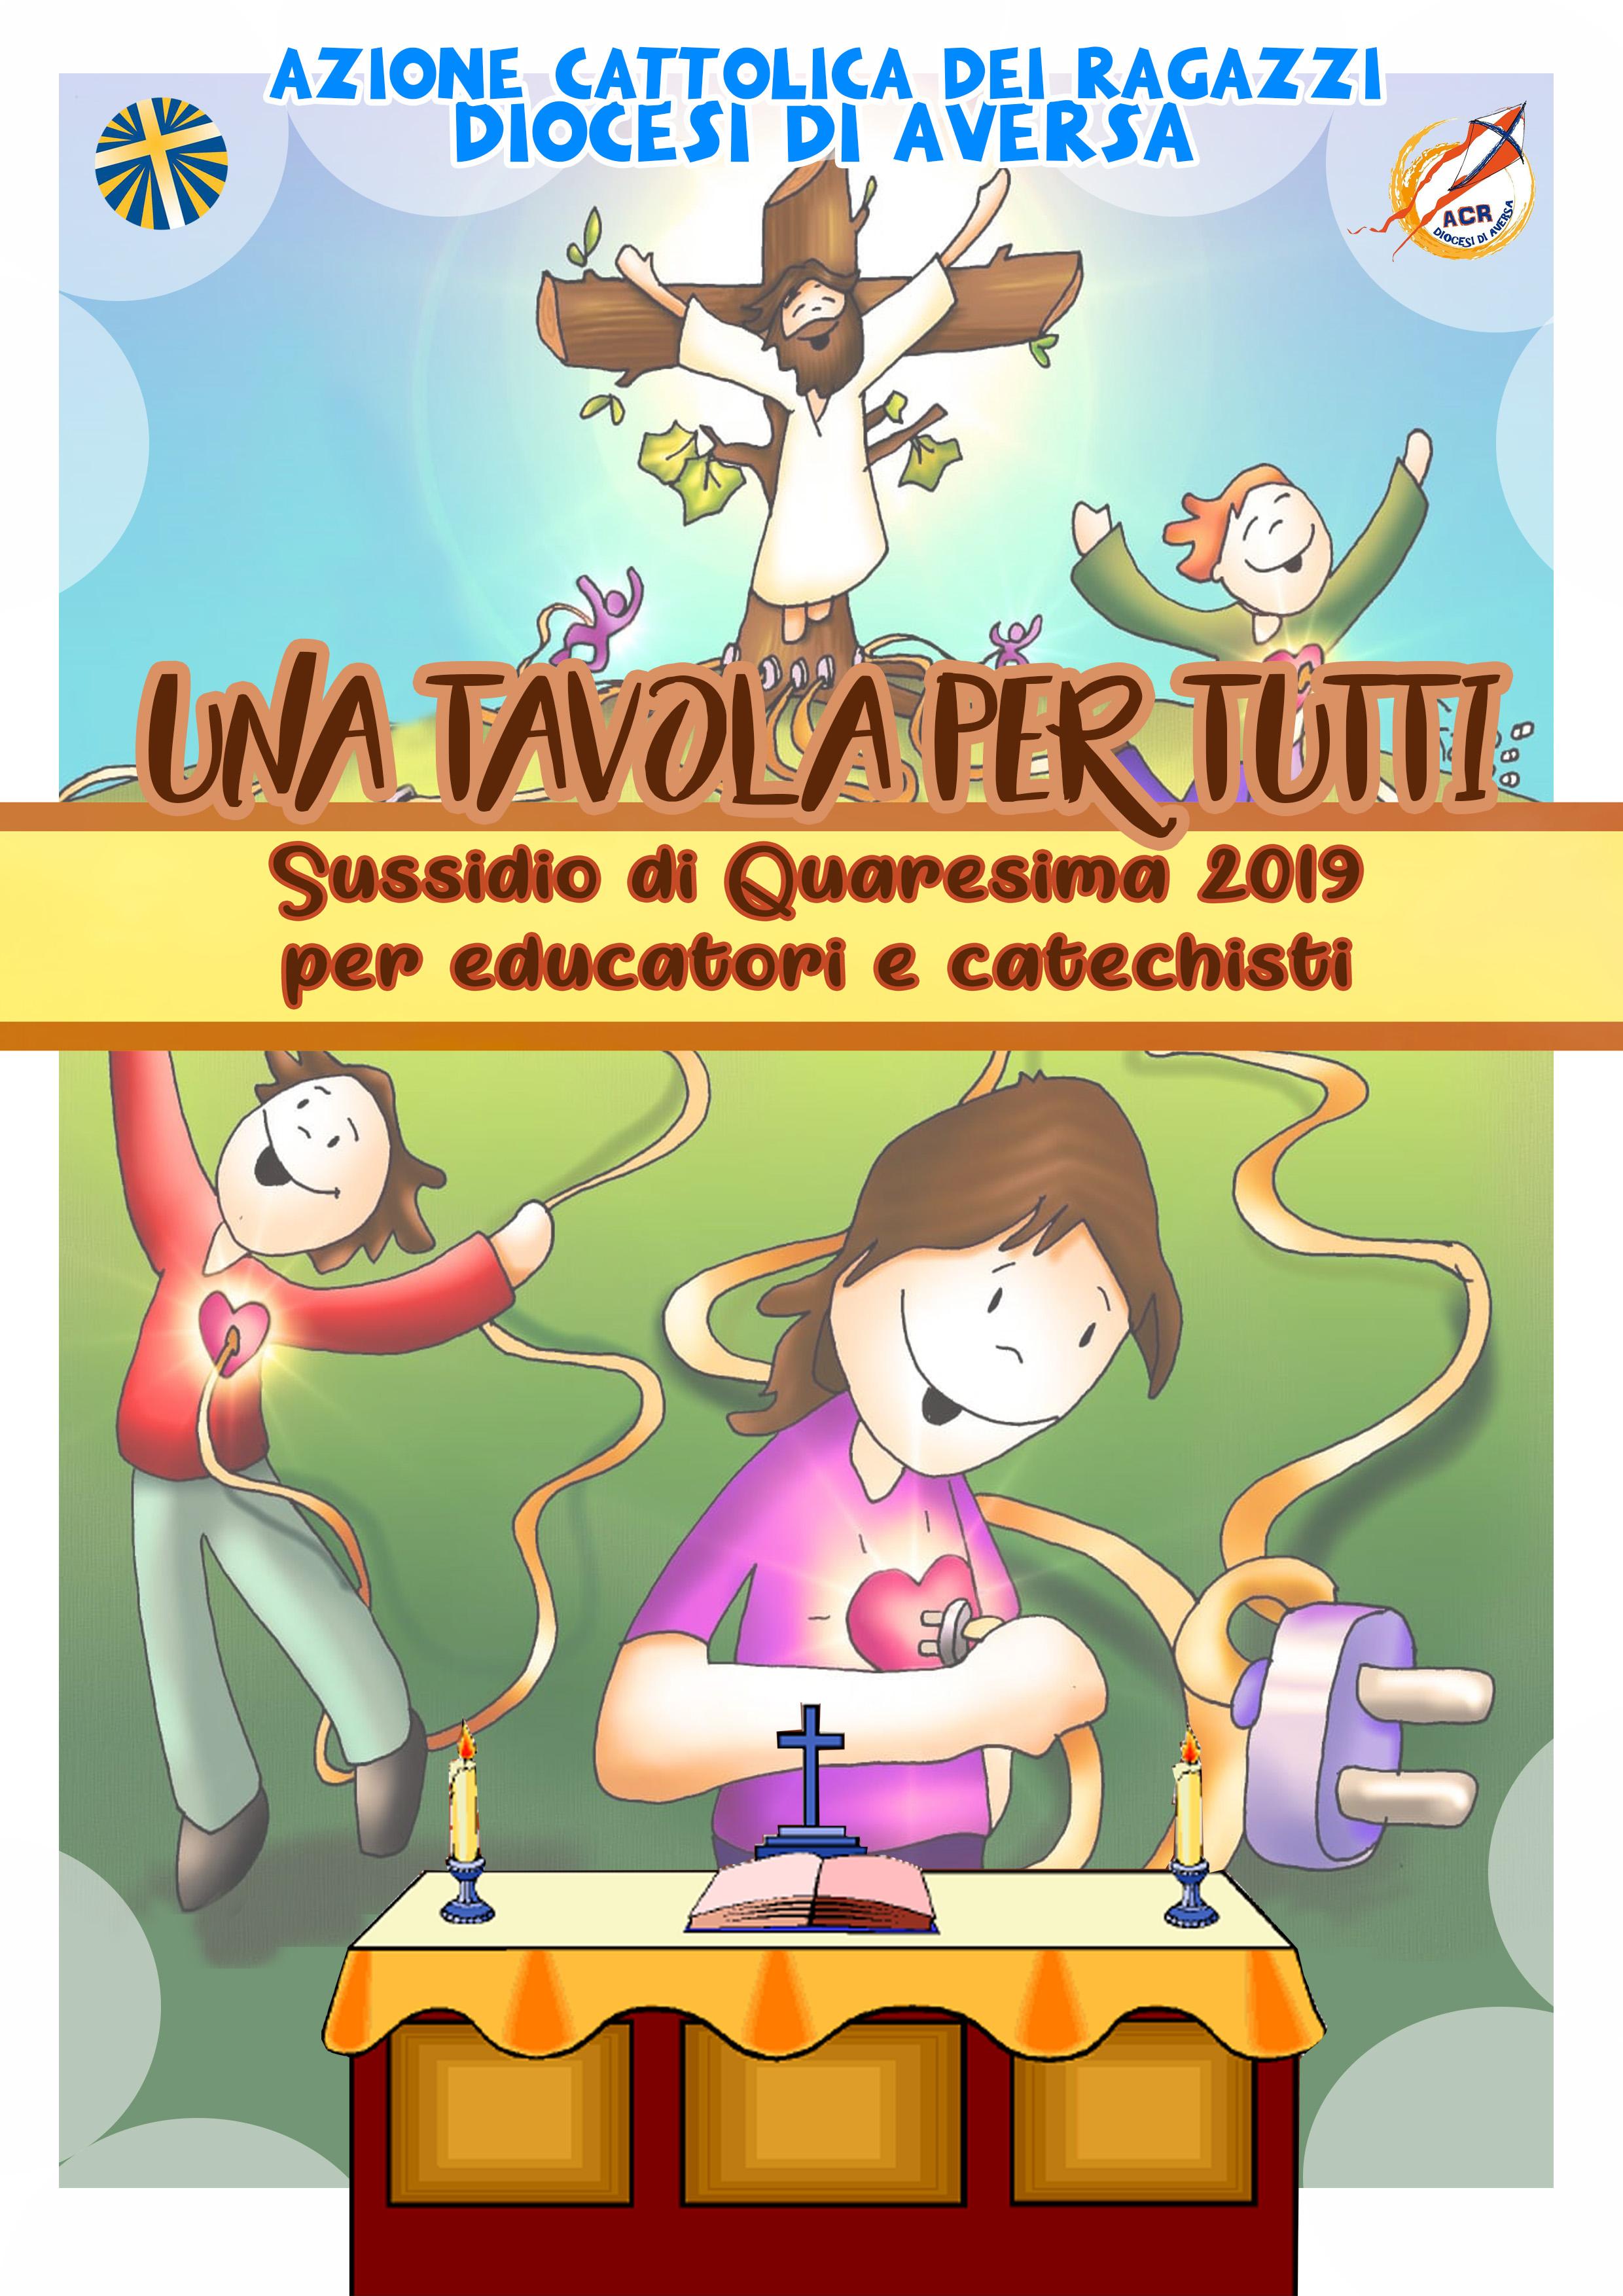 Calendario Liturgico Per Bambini.Sussidio Di Quaresima 2019 Una Tavola Per Tutti